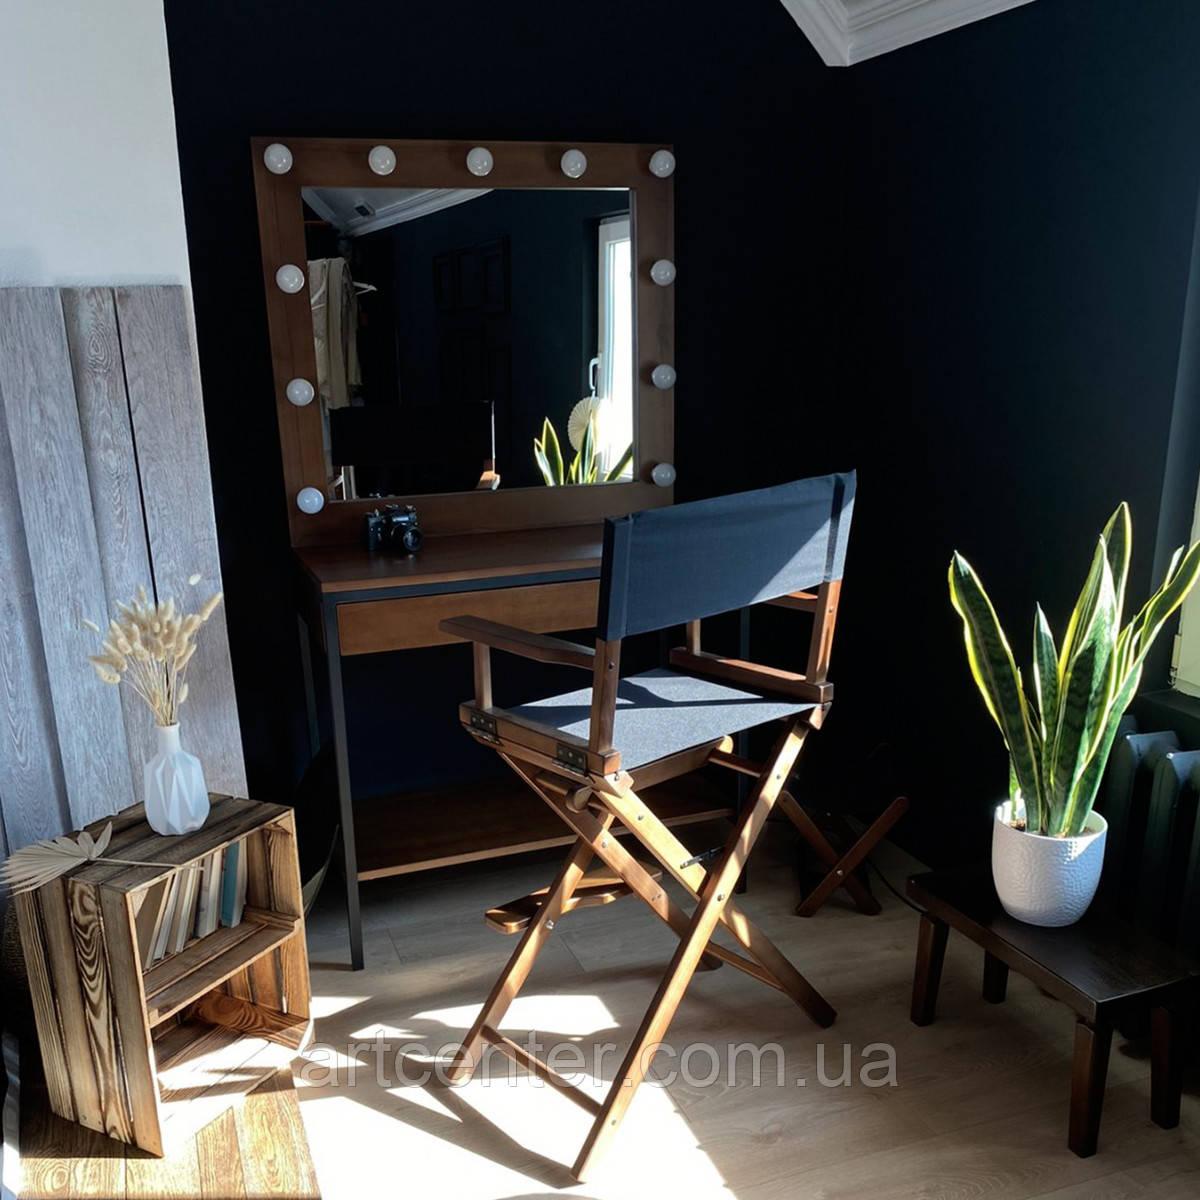 Визажный стіл з натурального дерева, стіл для макіяжу, дзеркало з підсвіткою